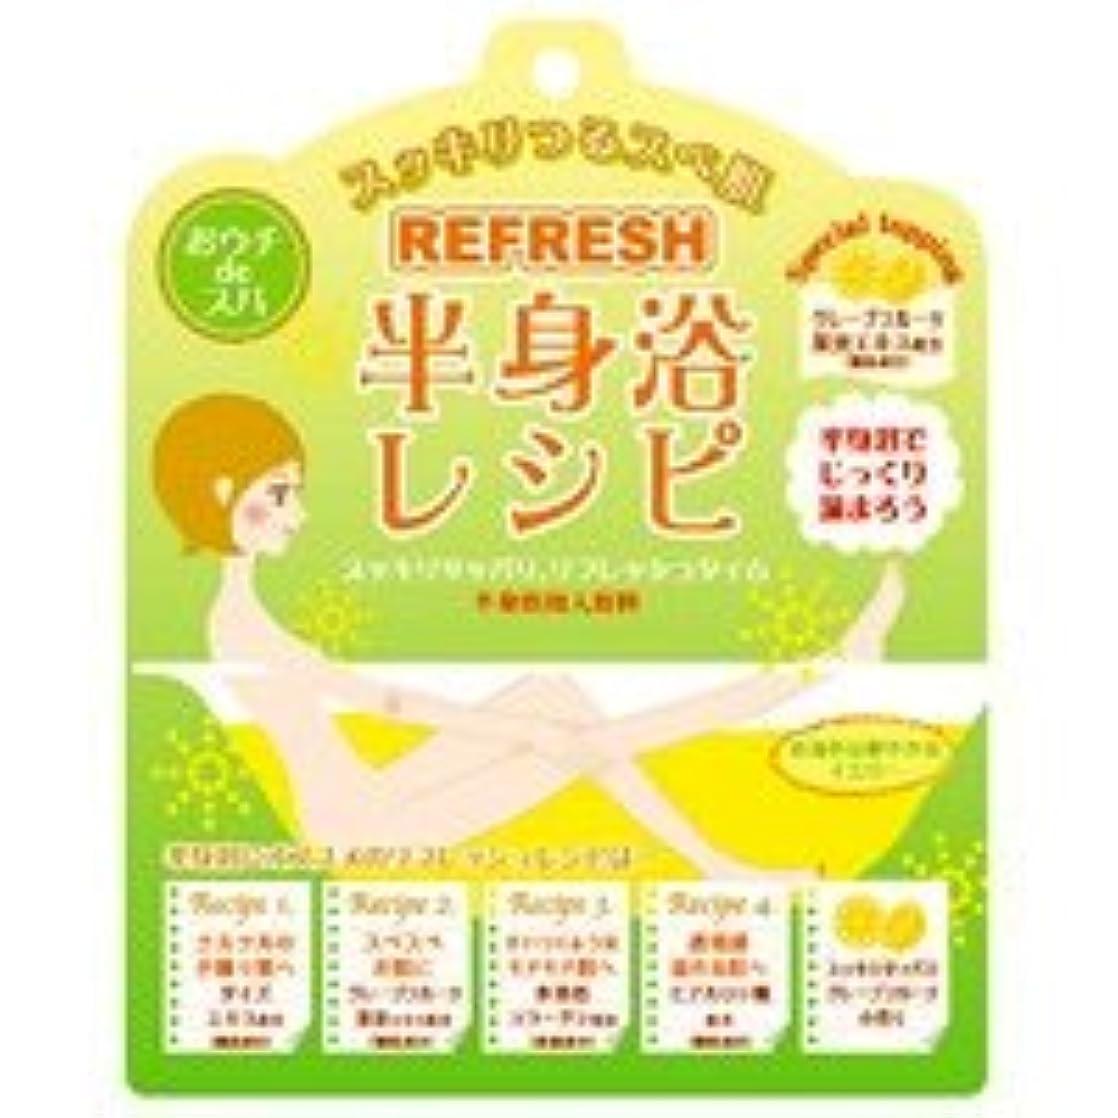 助言征服する小学生半身浴レシピ「リフレッシュレシピ」10個セット クリアイエローのお湯 スッキリサッパリなグレープフルーツの香り